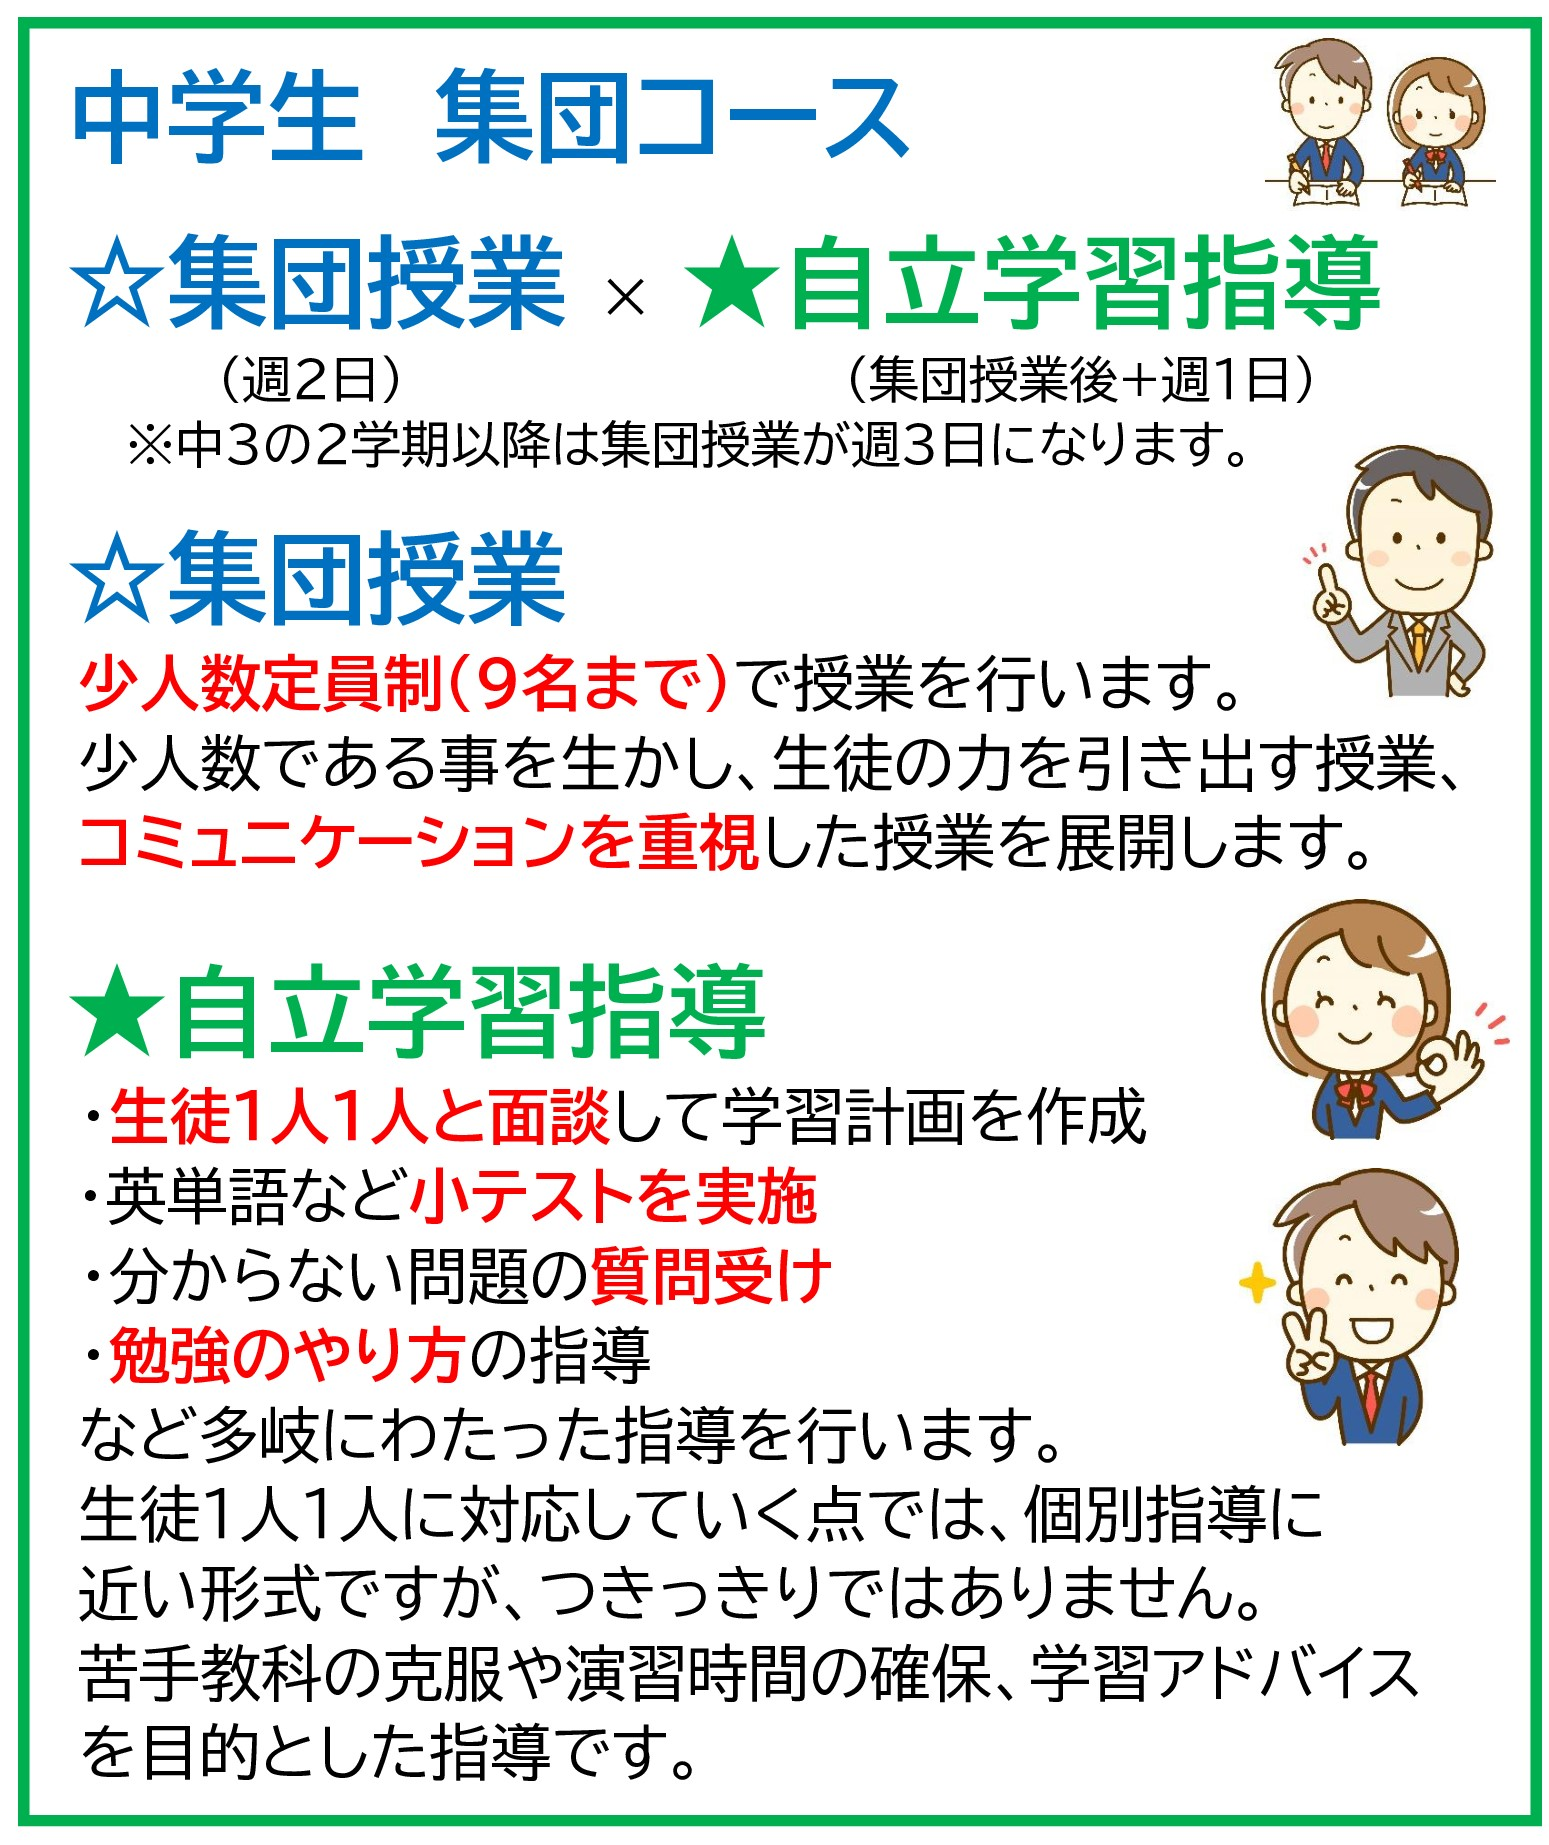 中学生 集団コース①